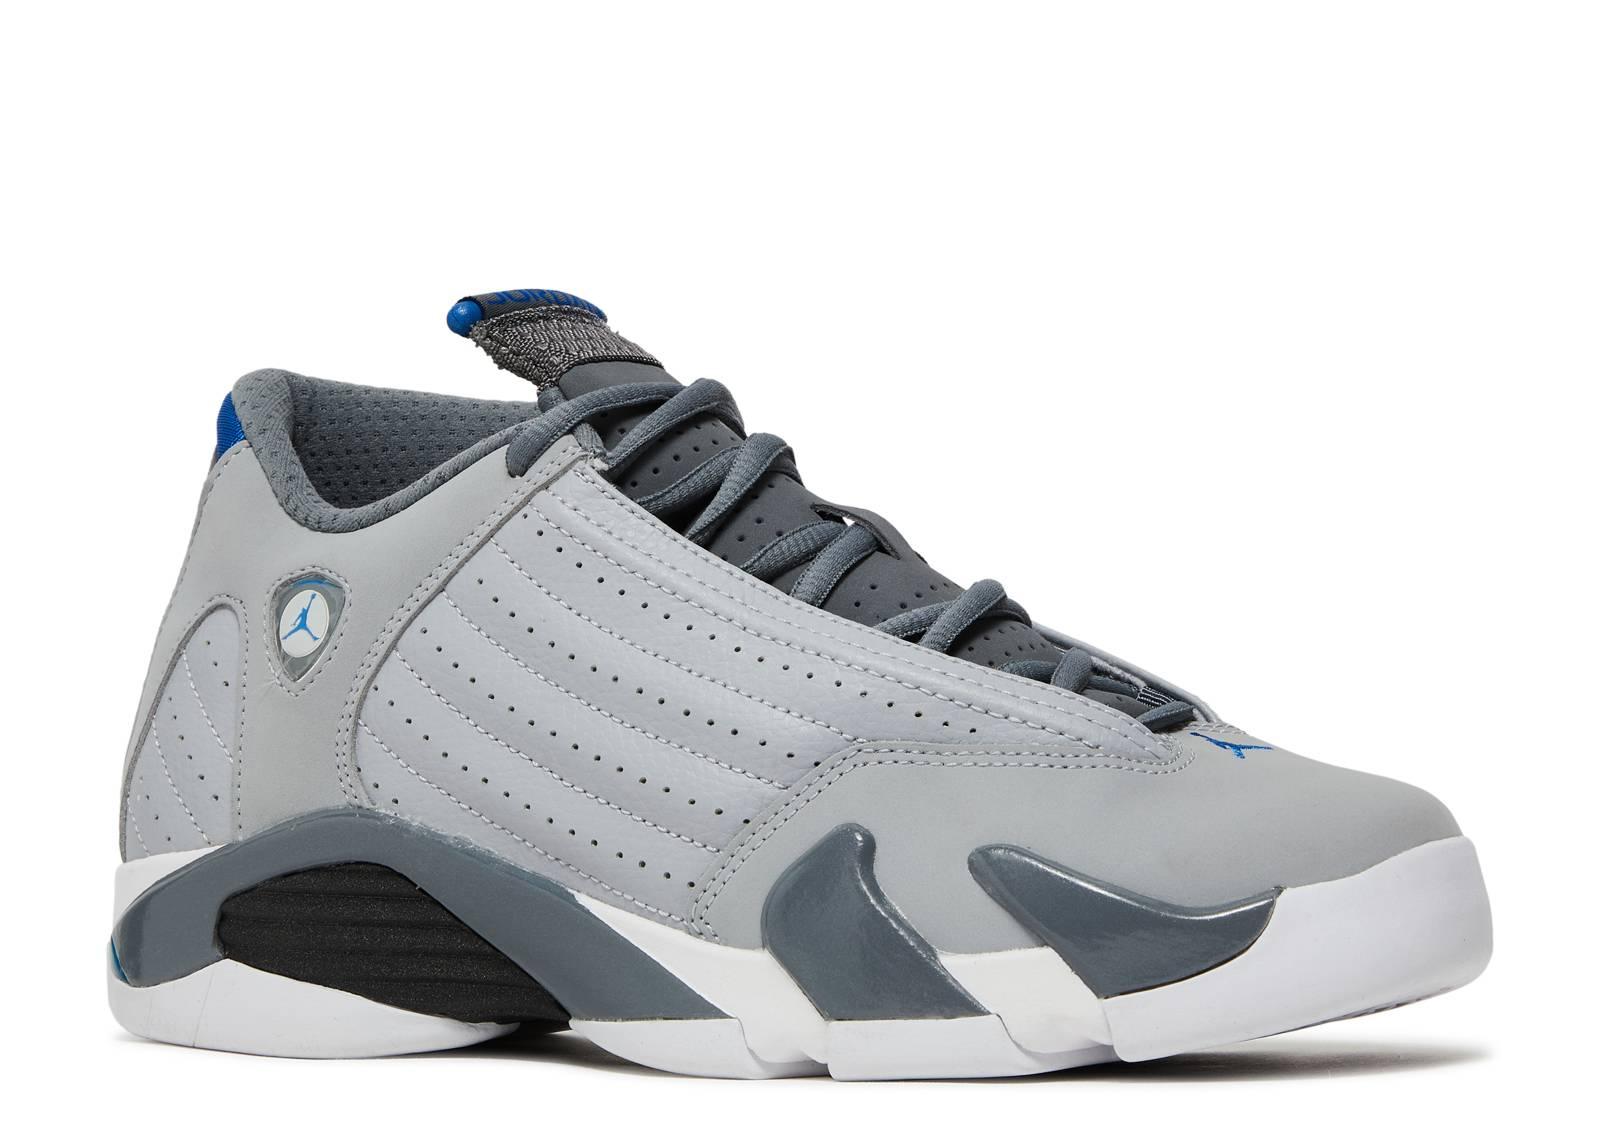 Air Jordan 14 Retro Bg Gs Bleu De Sport réduction Nice sortie à vendre best-seller de sortie combien à vendre Footlocker en ligne EU0w7V